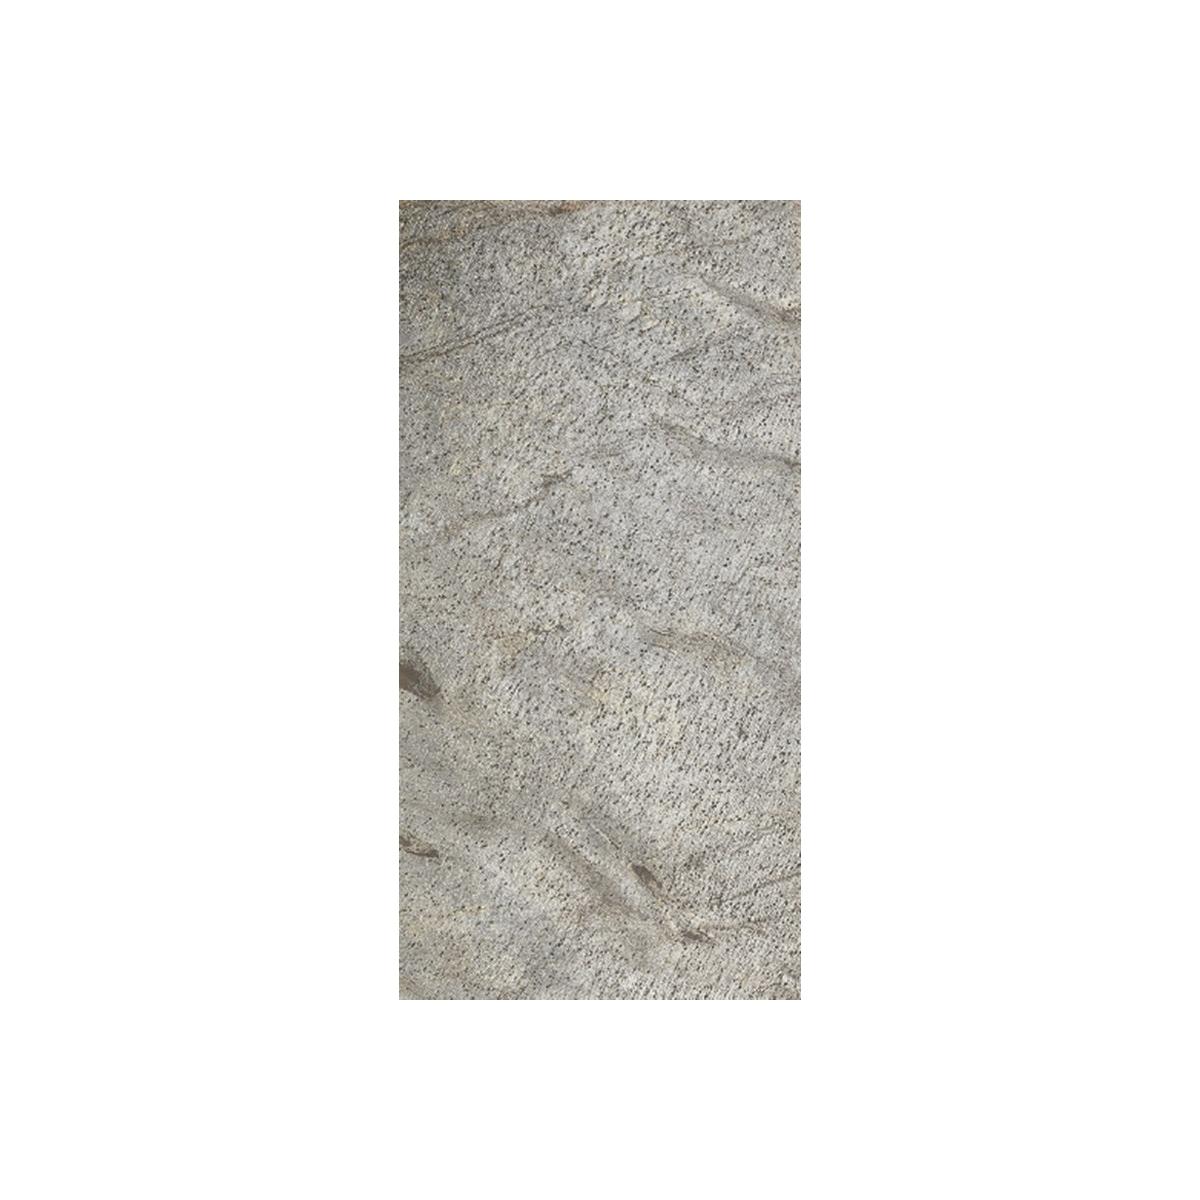 Pizarra natural flexible FS6005 / FT3005 (ud)